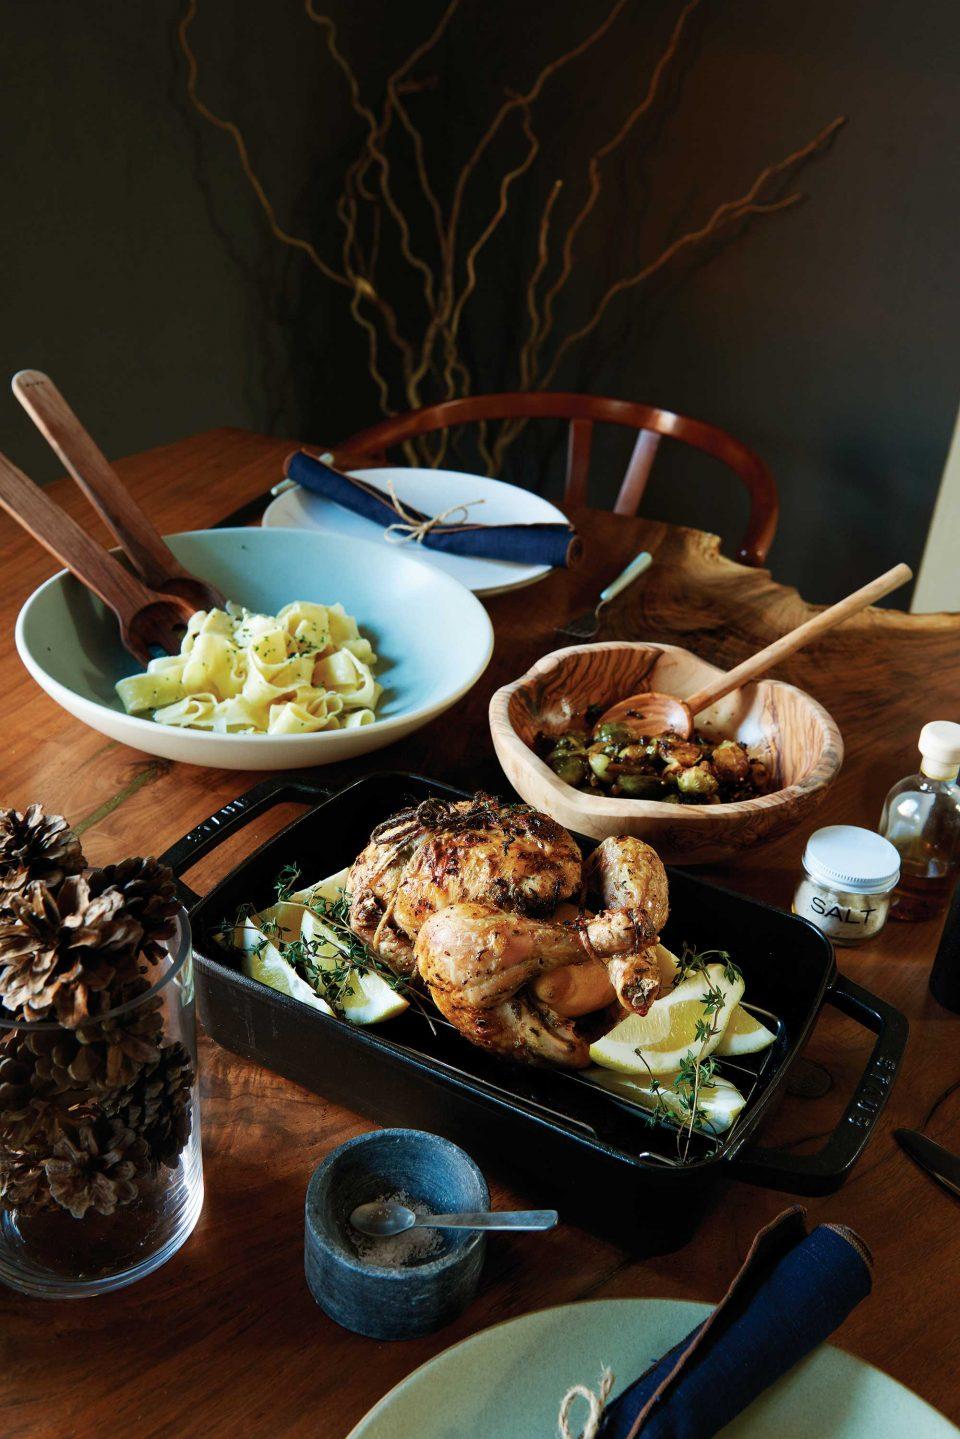 크리스마스 분위기를 한껏 달아오르게 할 메뉴 3가지. 화이트트러플을 사용한 파스타, 방울양배추와 이베리코 햄으로 풍미를 준 따뜻한 샐러드, 그리고 라꼬르뉴 오븐을 사용해 겉은 바삭하면서도 속은 부드러워 가장 만족스러워했던 로스트치킨.